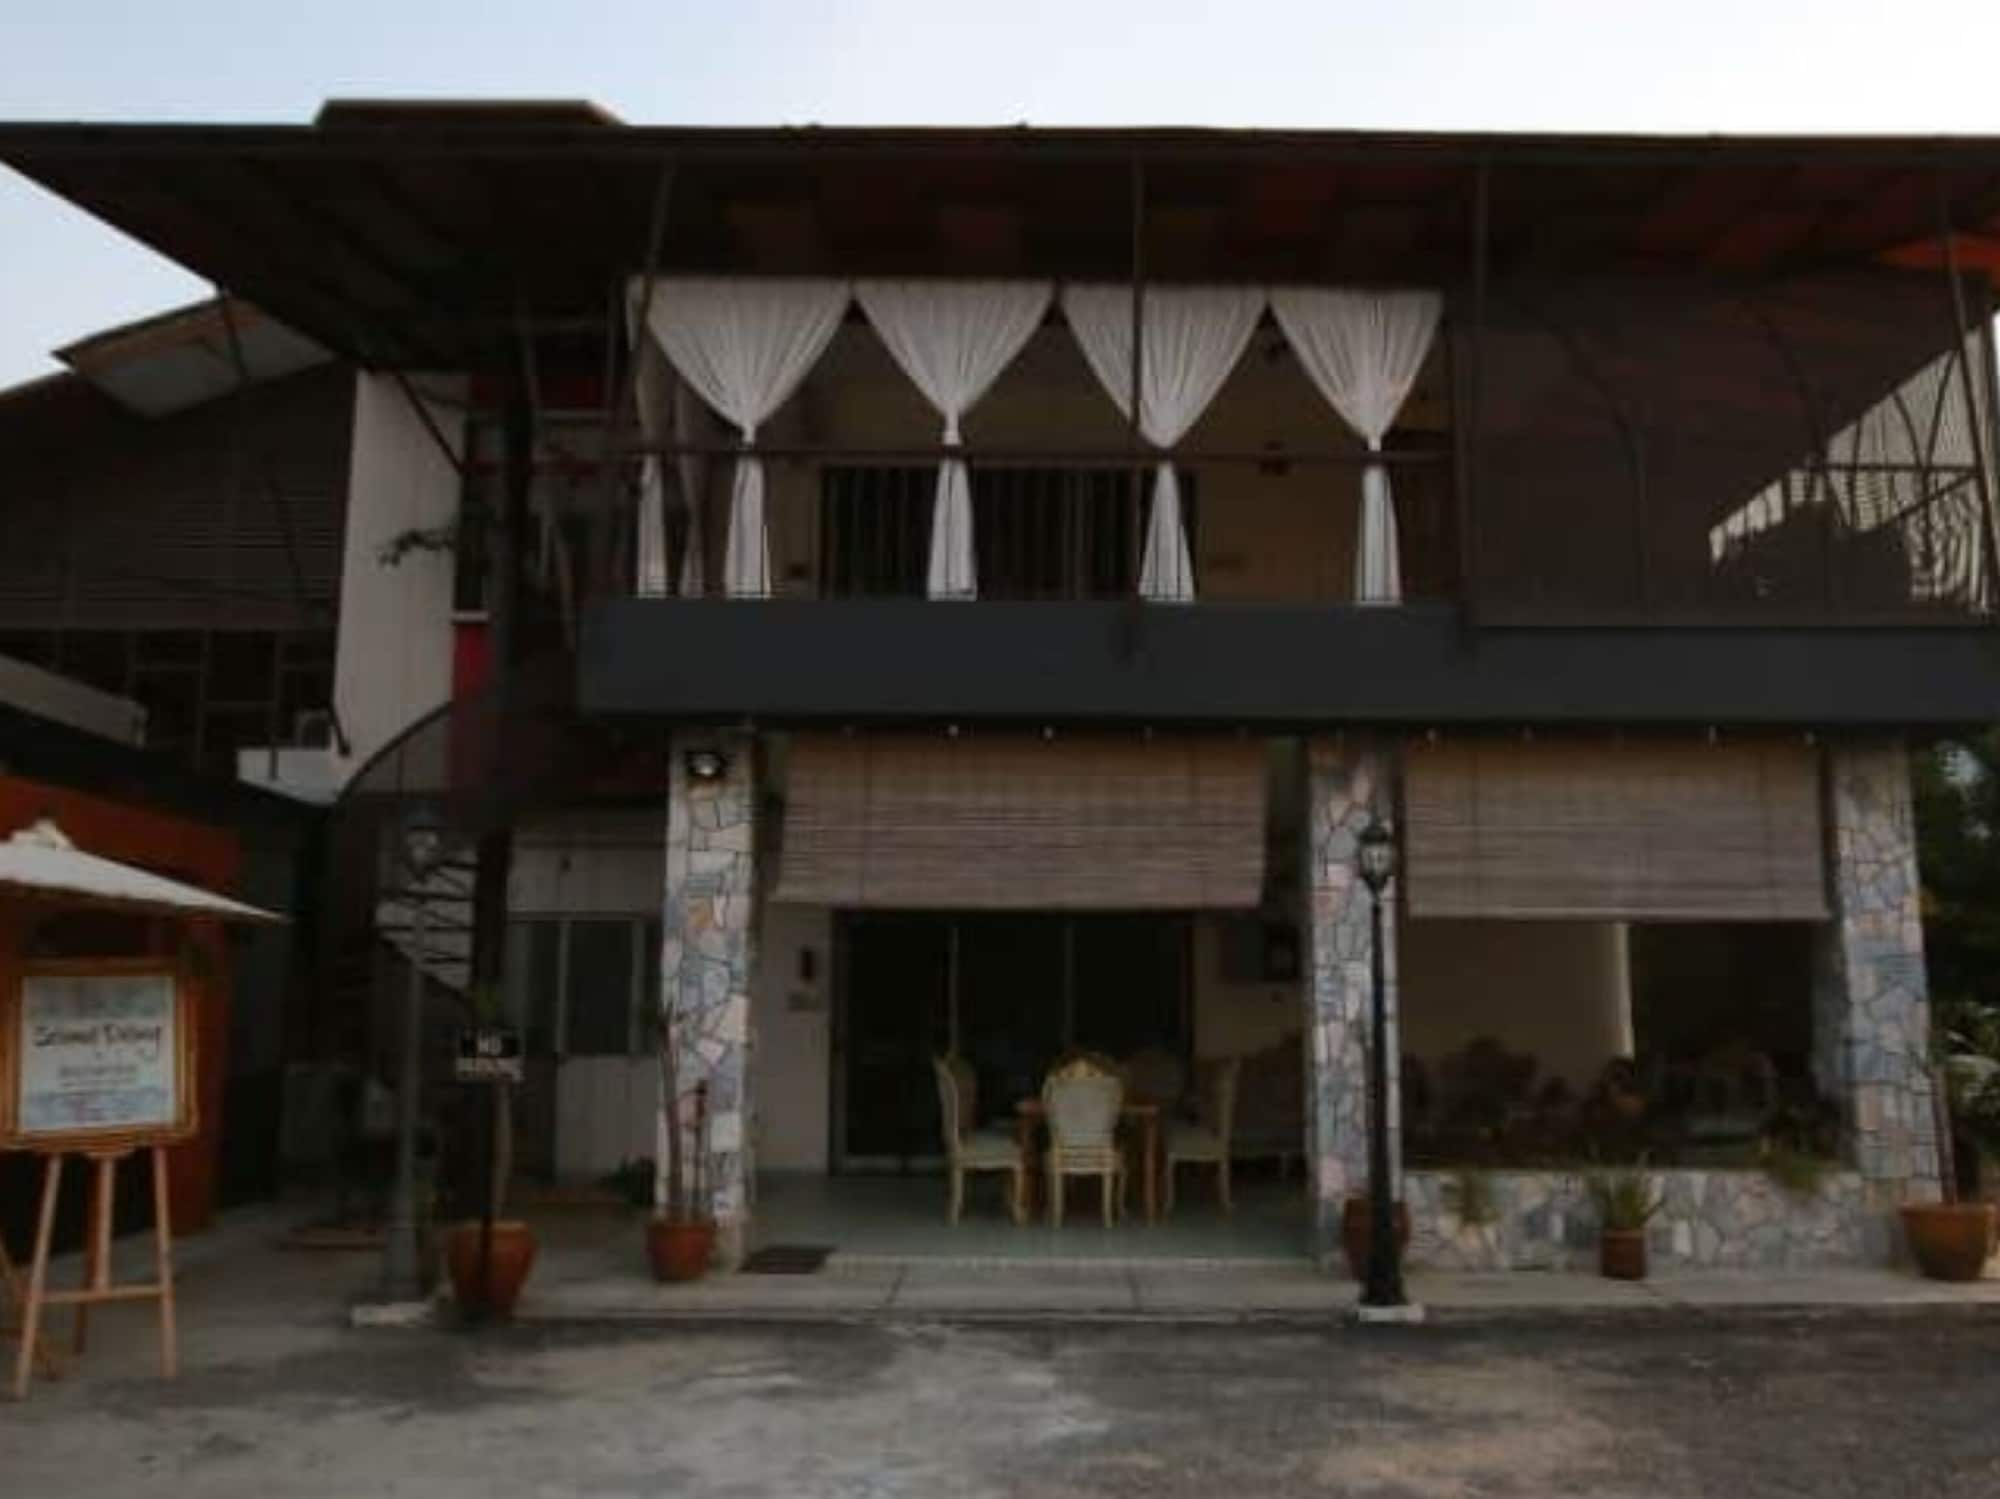 OYO 90047 Bangi Guest House bangi Lama, Hulu Langat